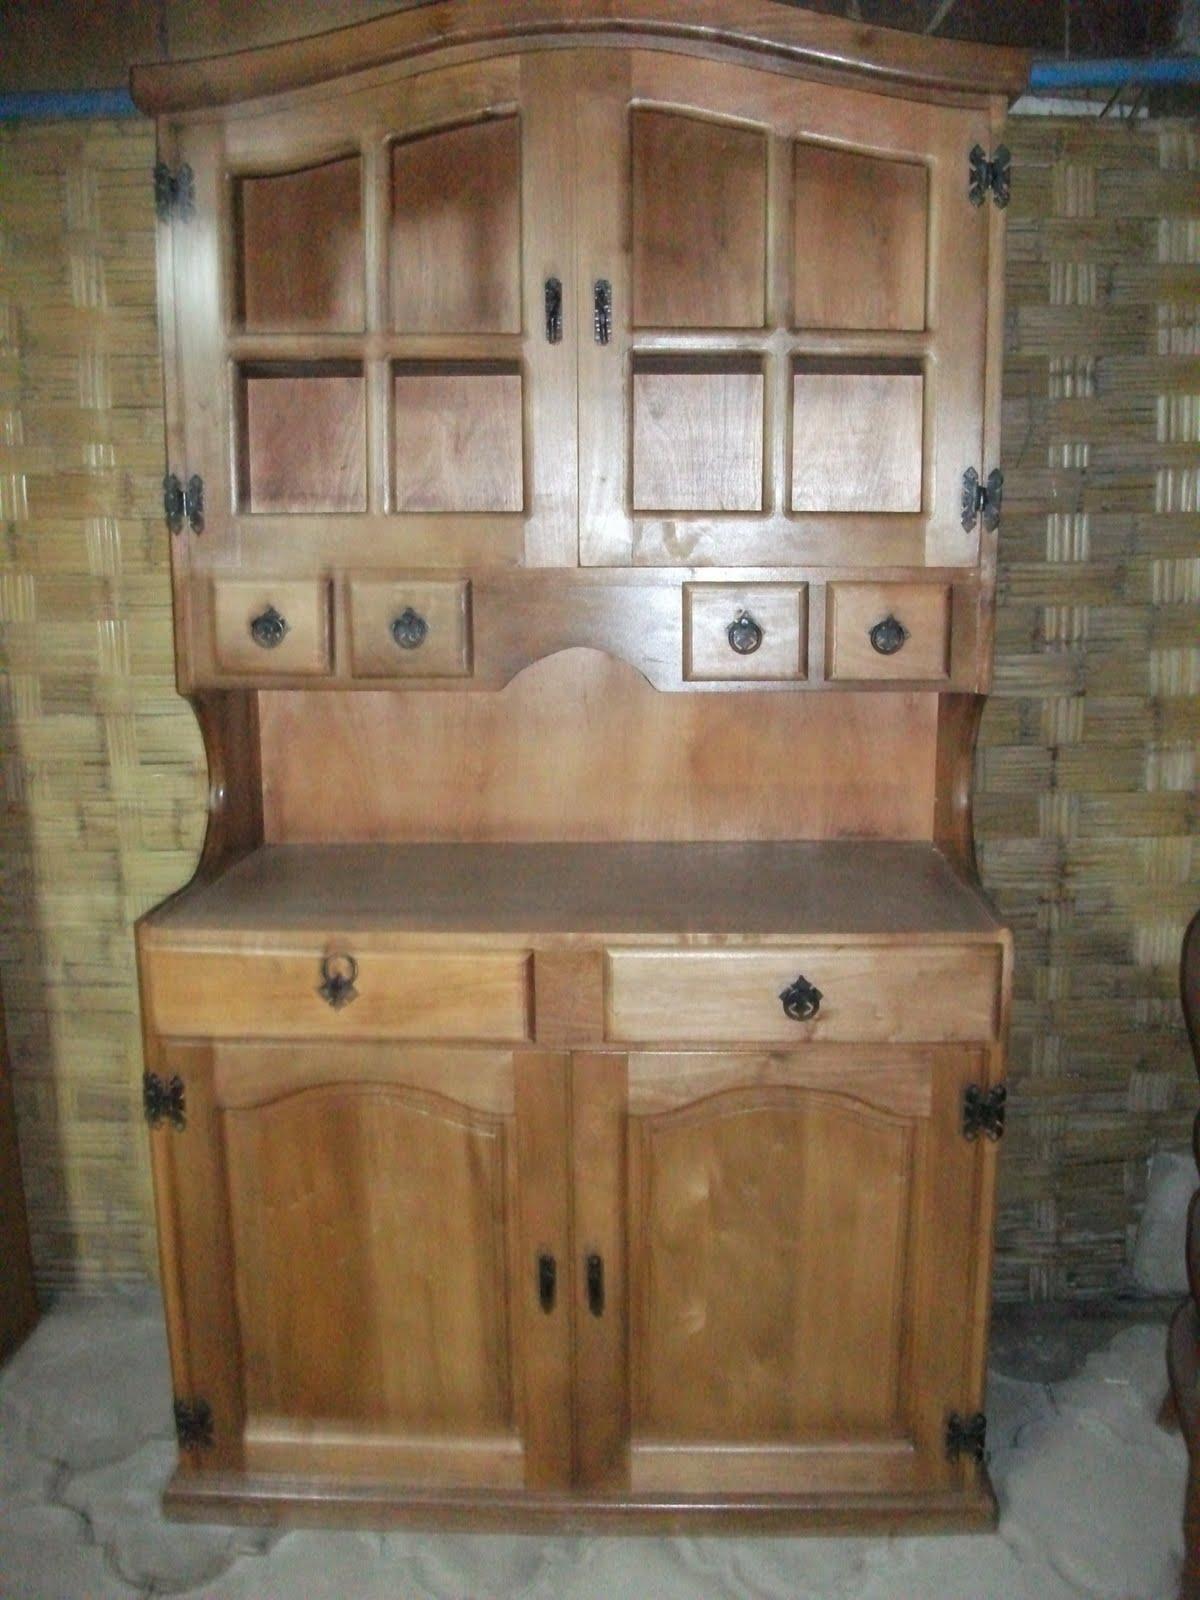 Imagenes de muebles de cocina rusticos for Muebles rusticos